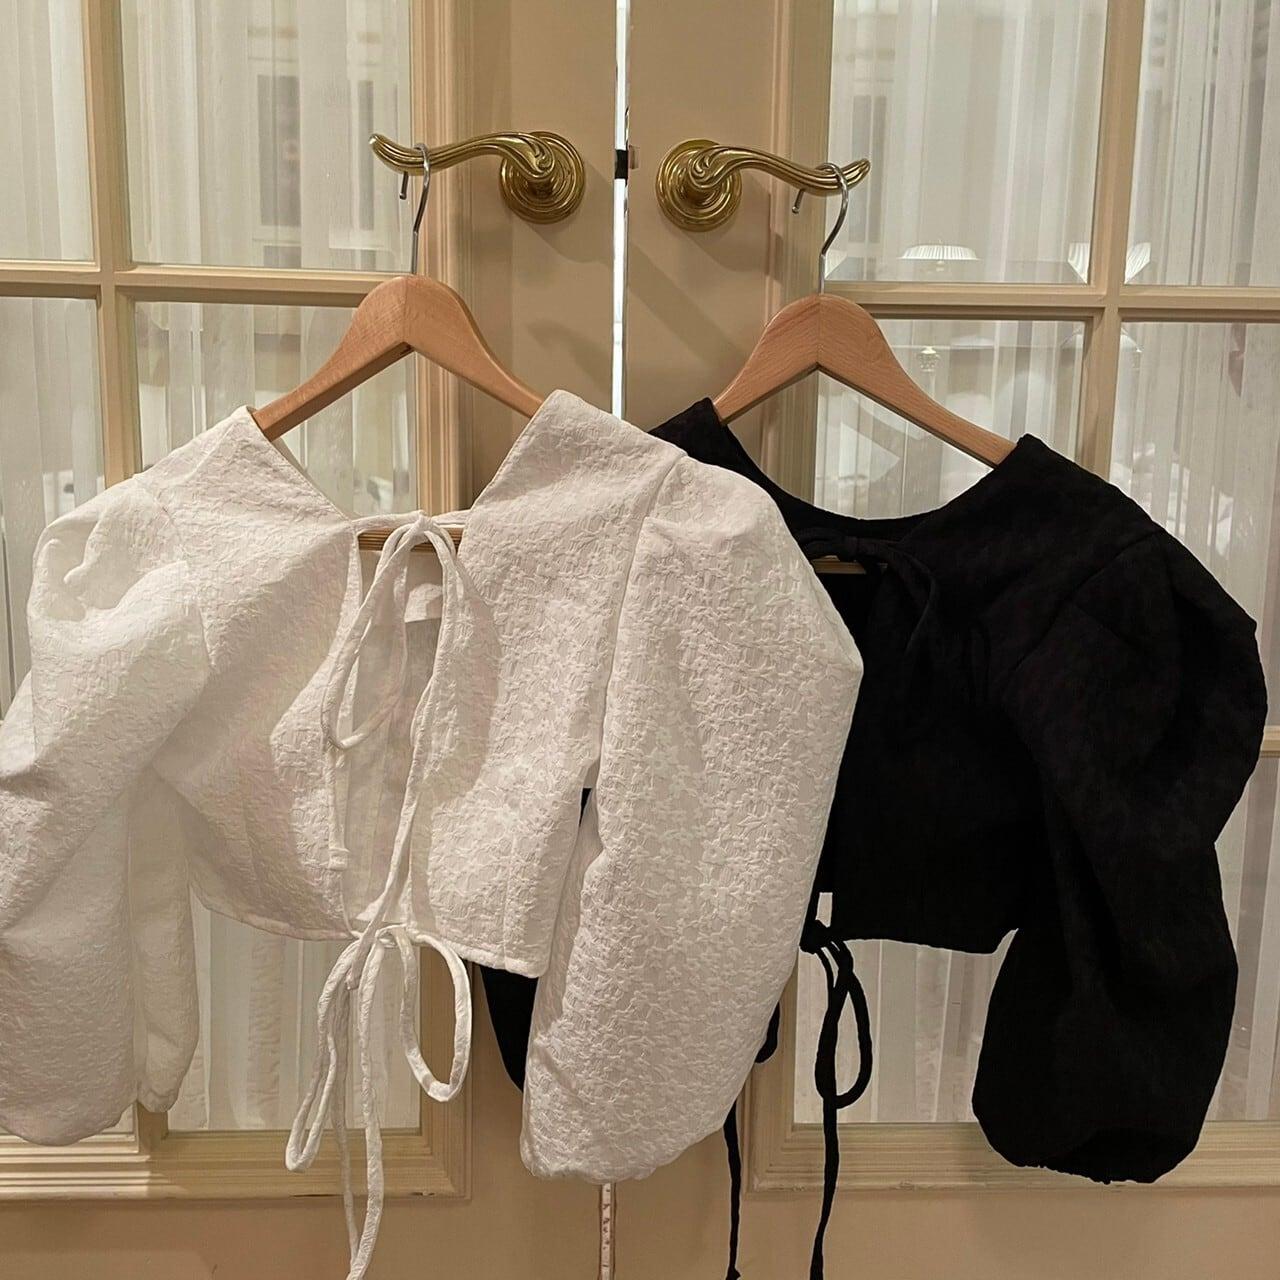 【Belle】LAST1 mini flower blouse / black